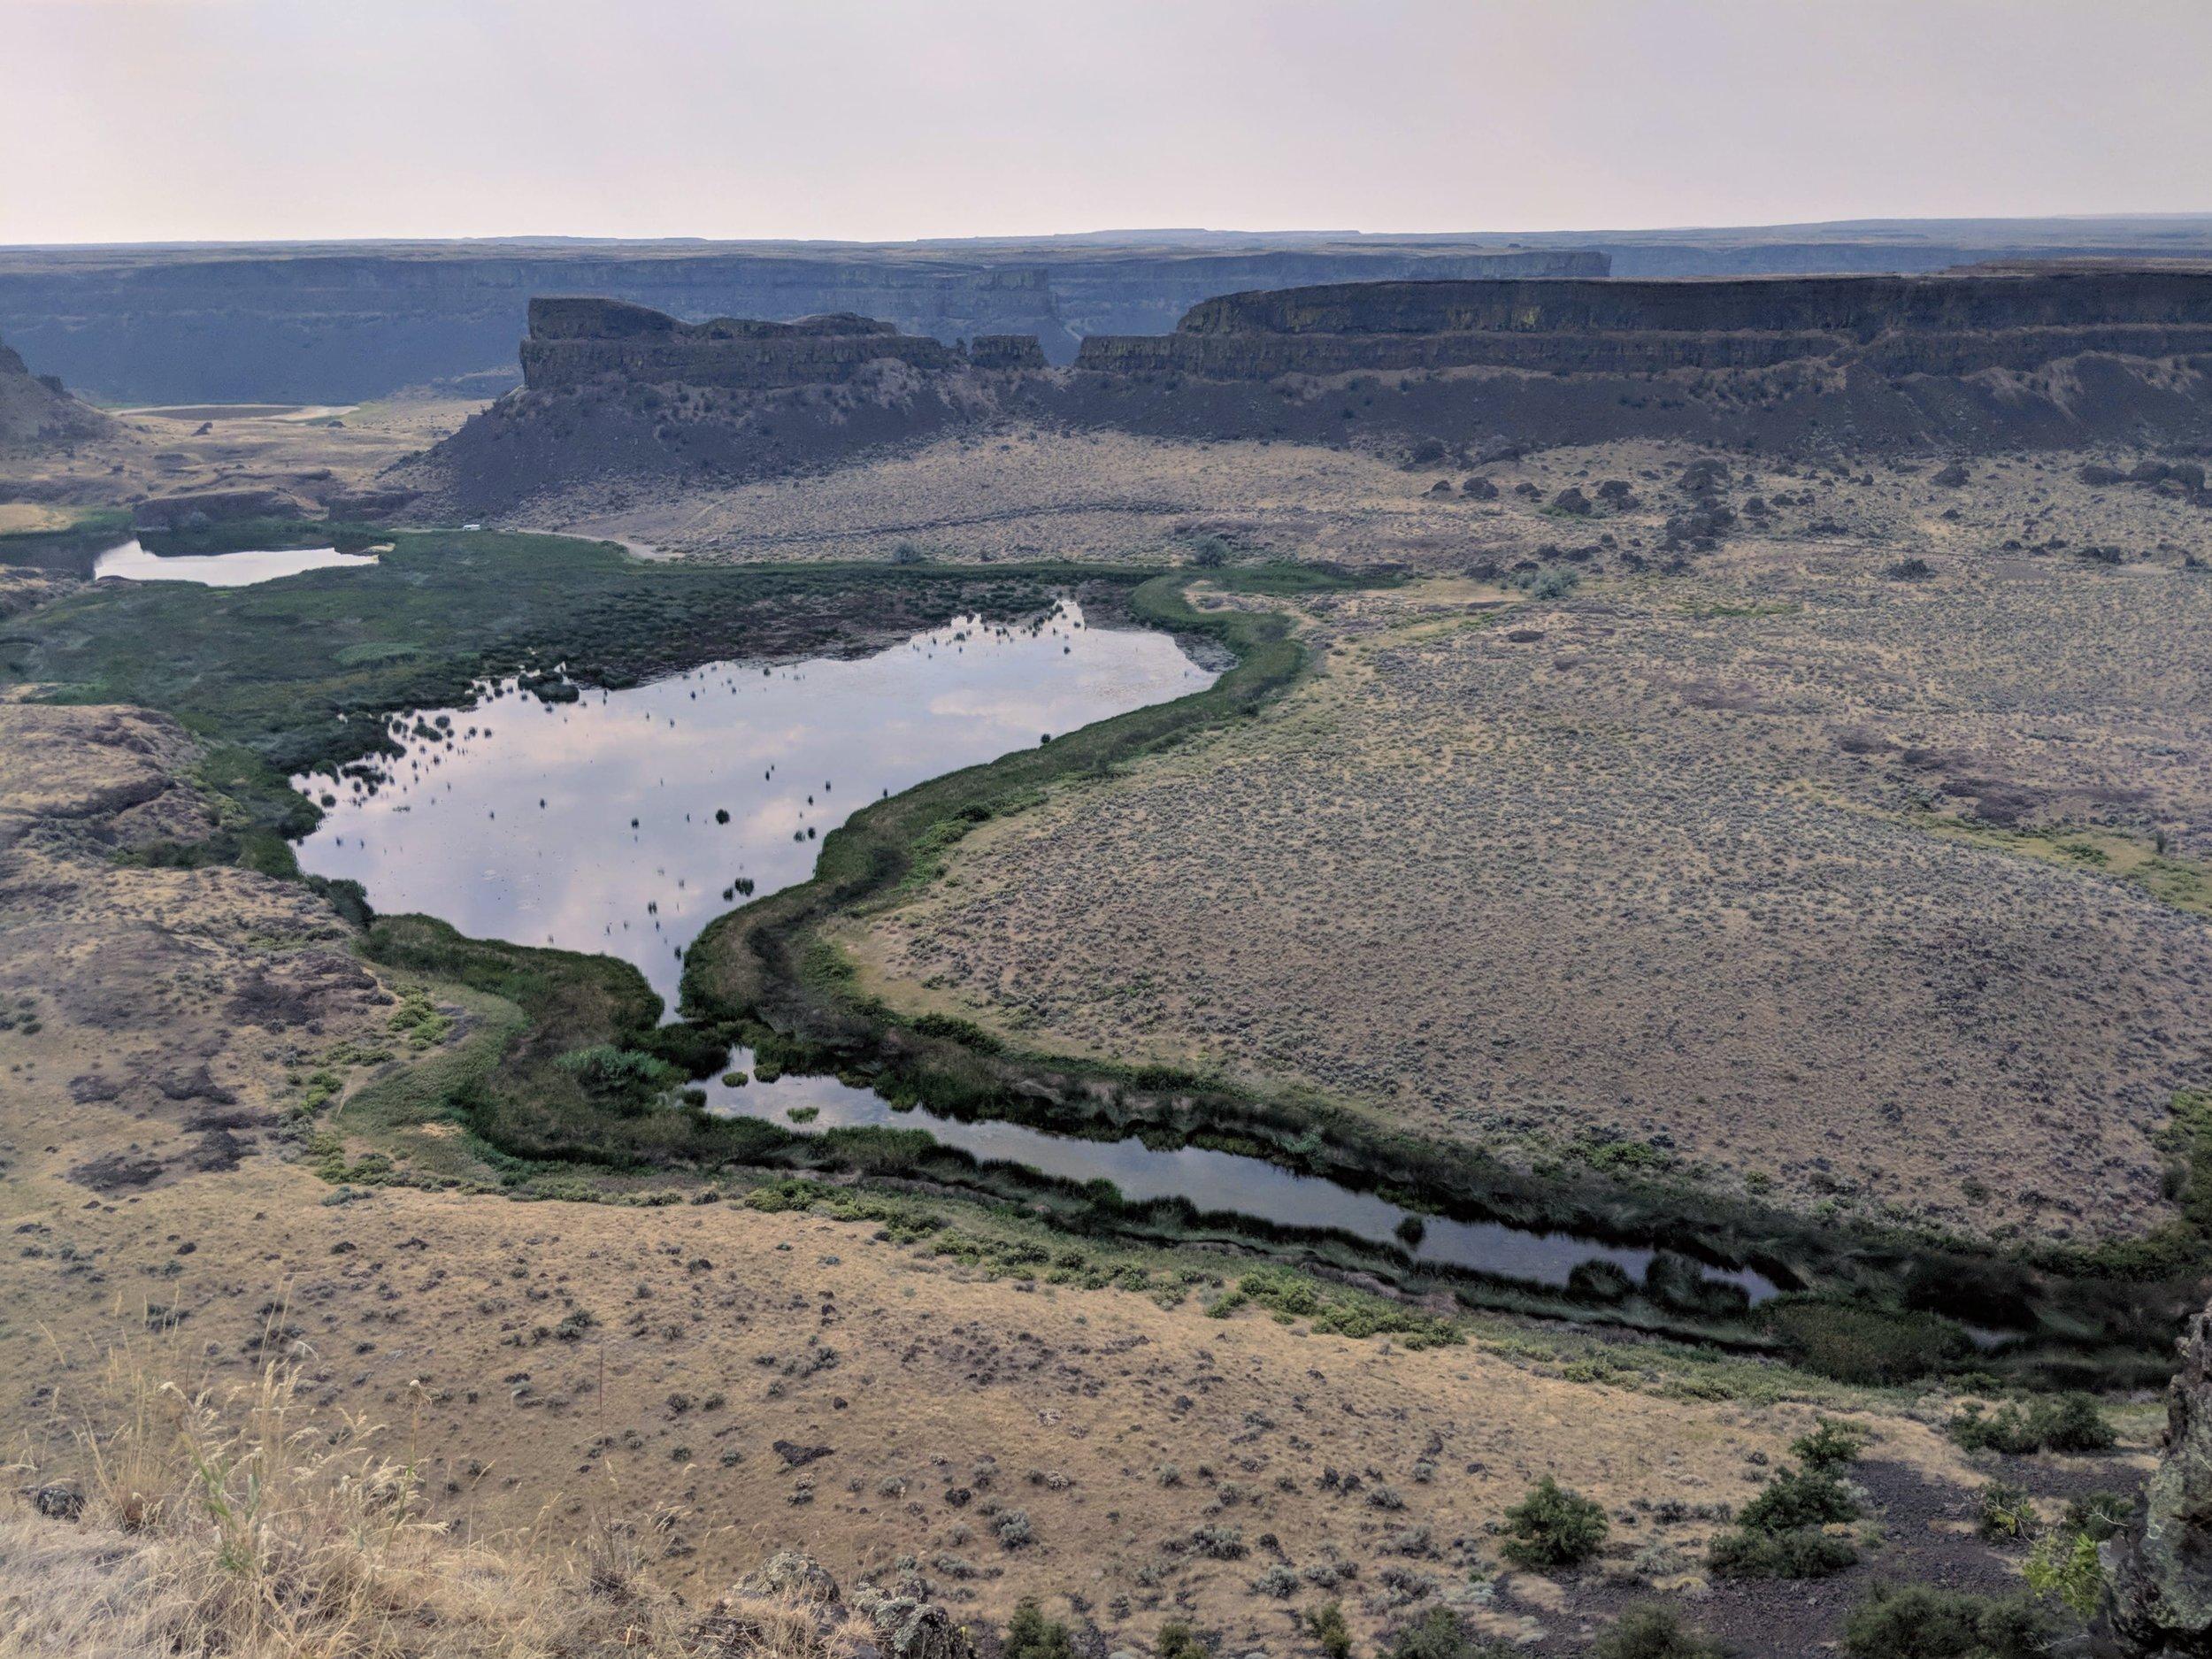 Umatilla Rock and Dry Falls Lake